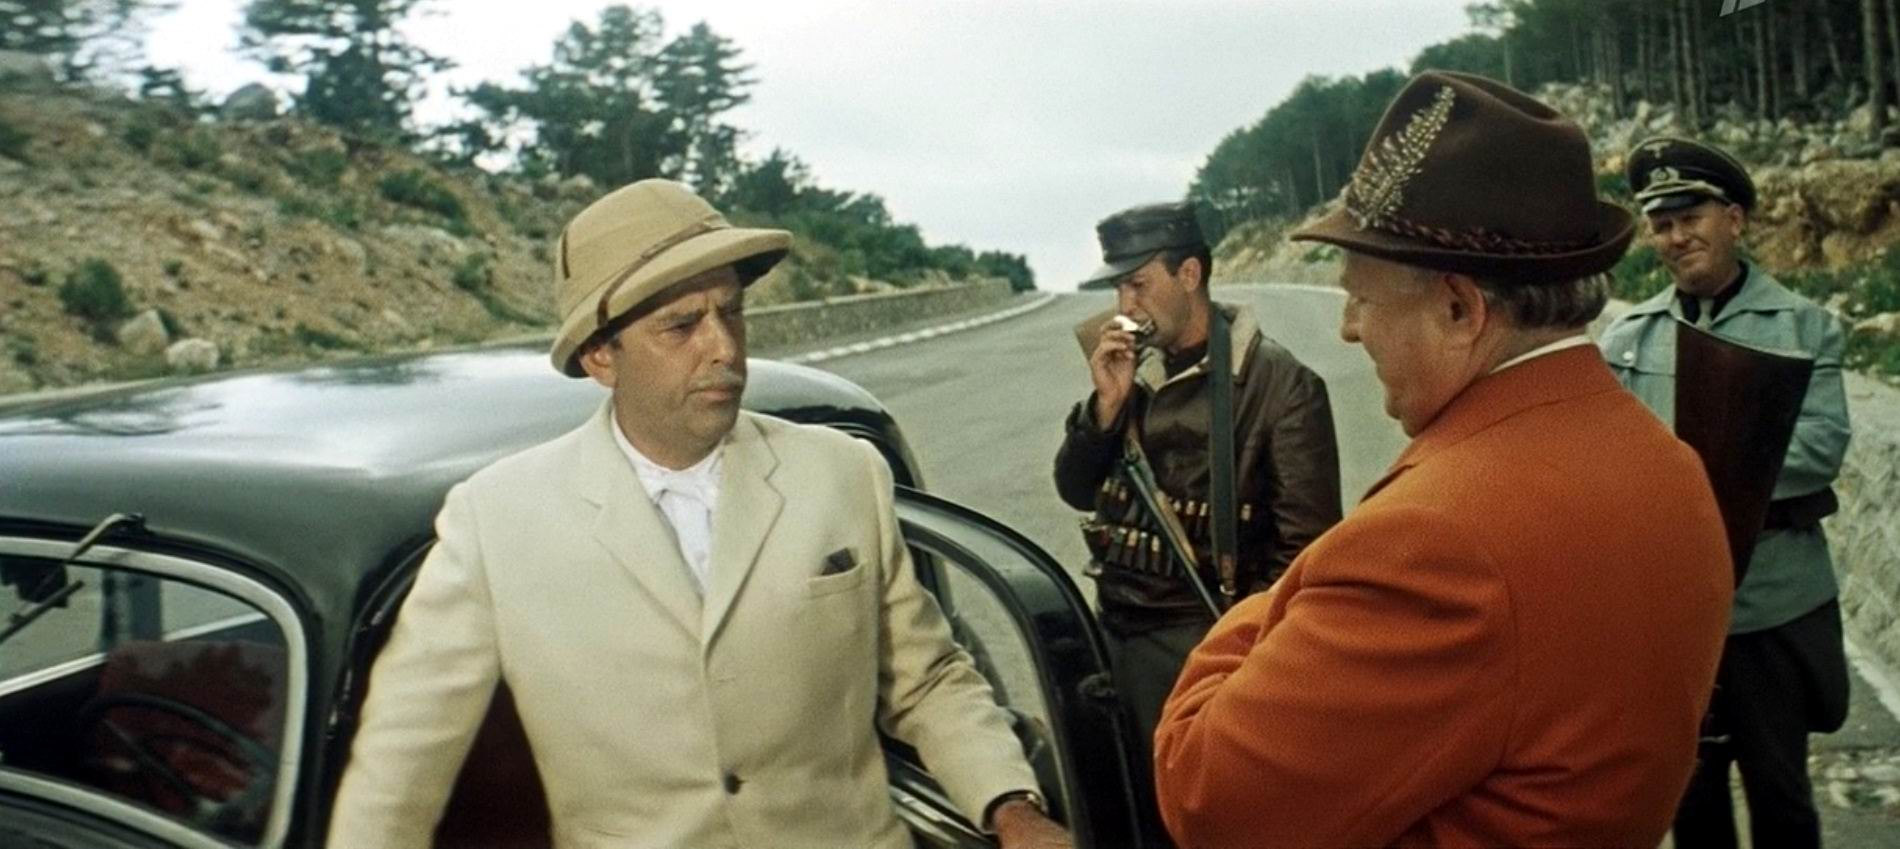 Один шанс из тысячи / Odin shans iz tysyzhi (1969): кадр из фильма